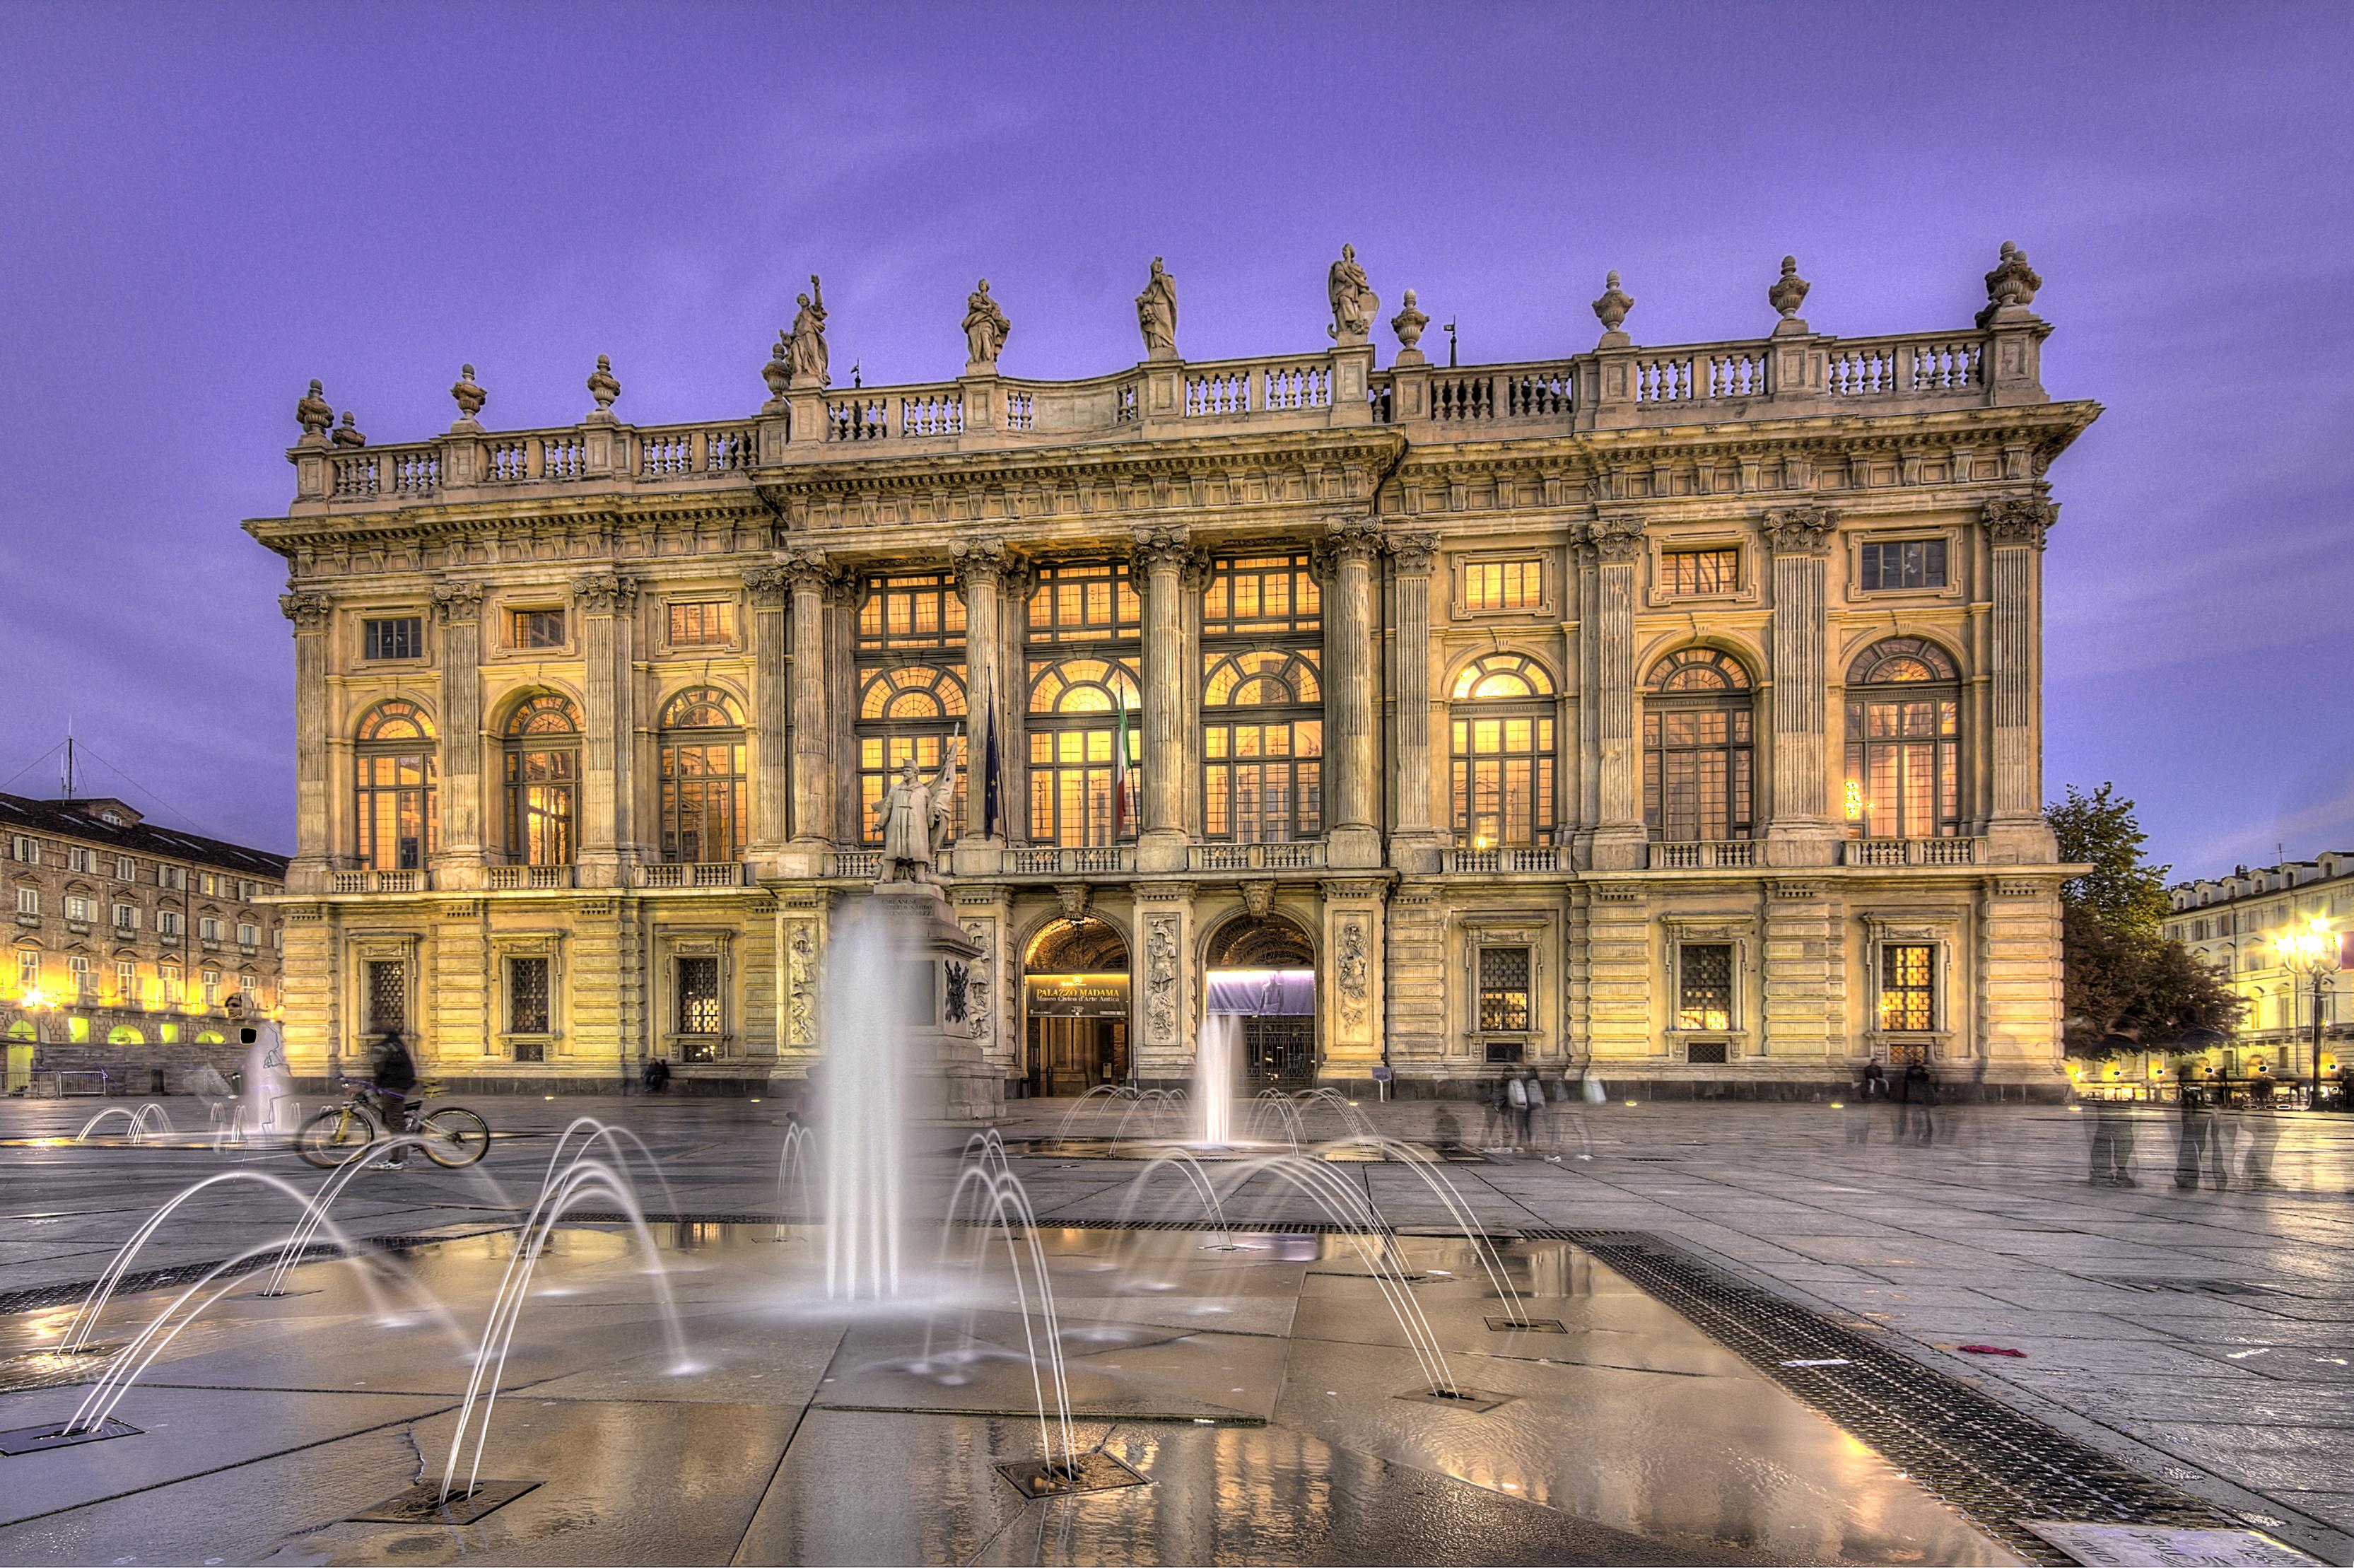 Palazzo madama torino concorso fotografico concorso for Senato italia